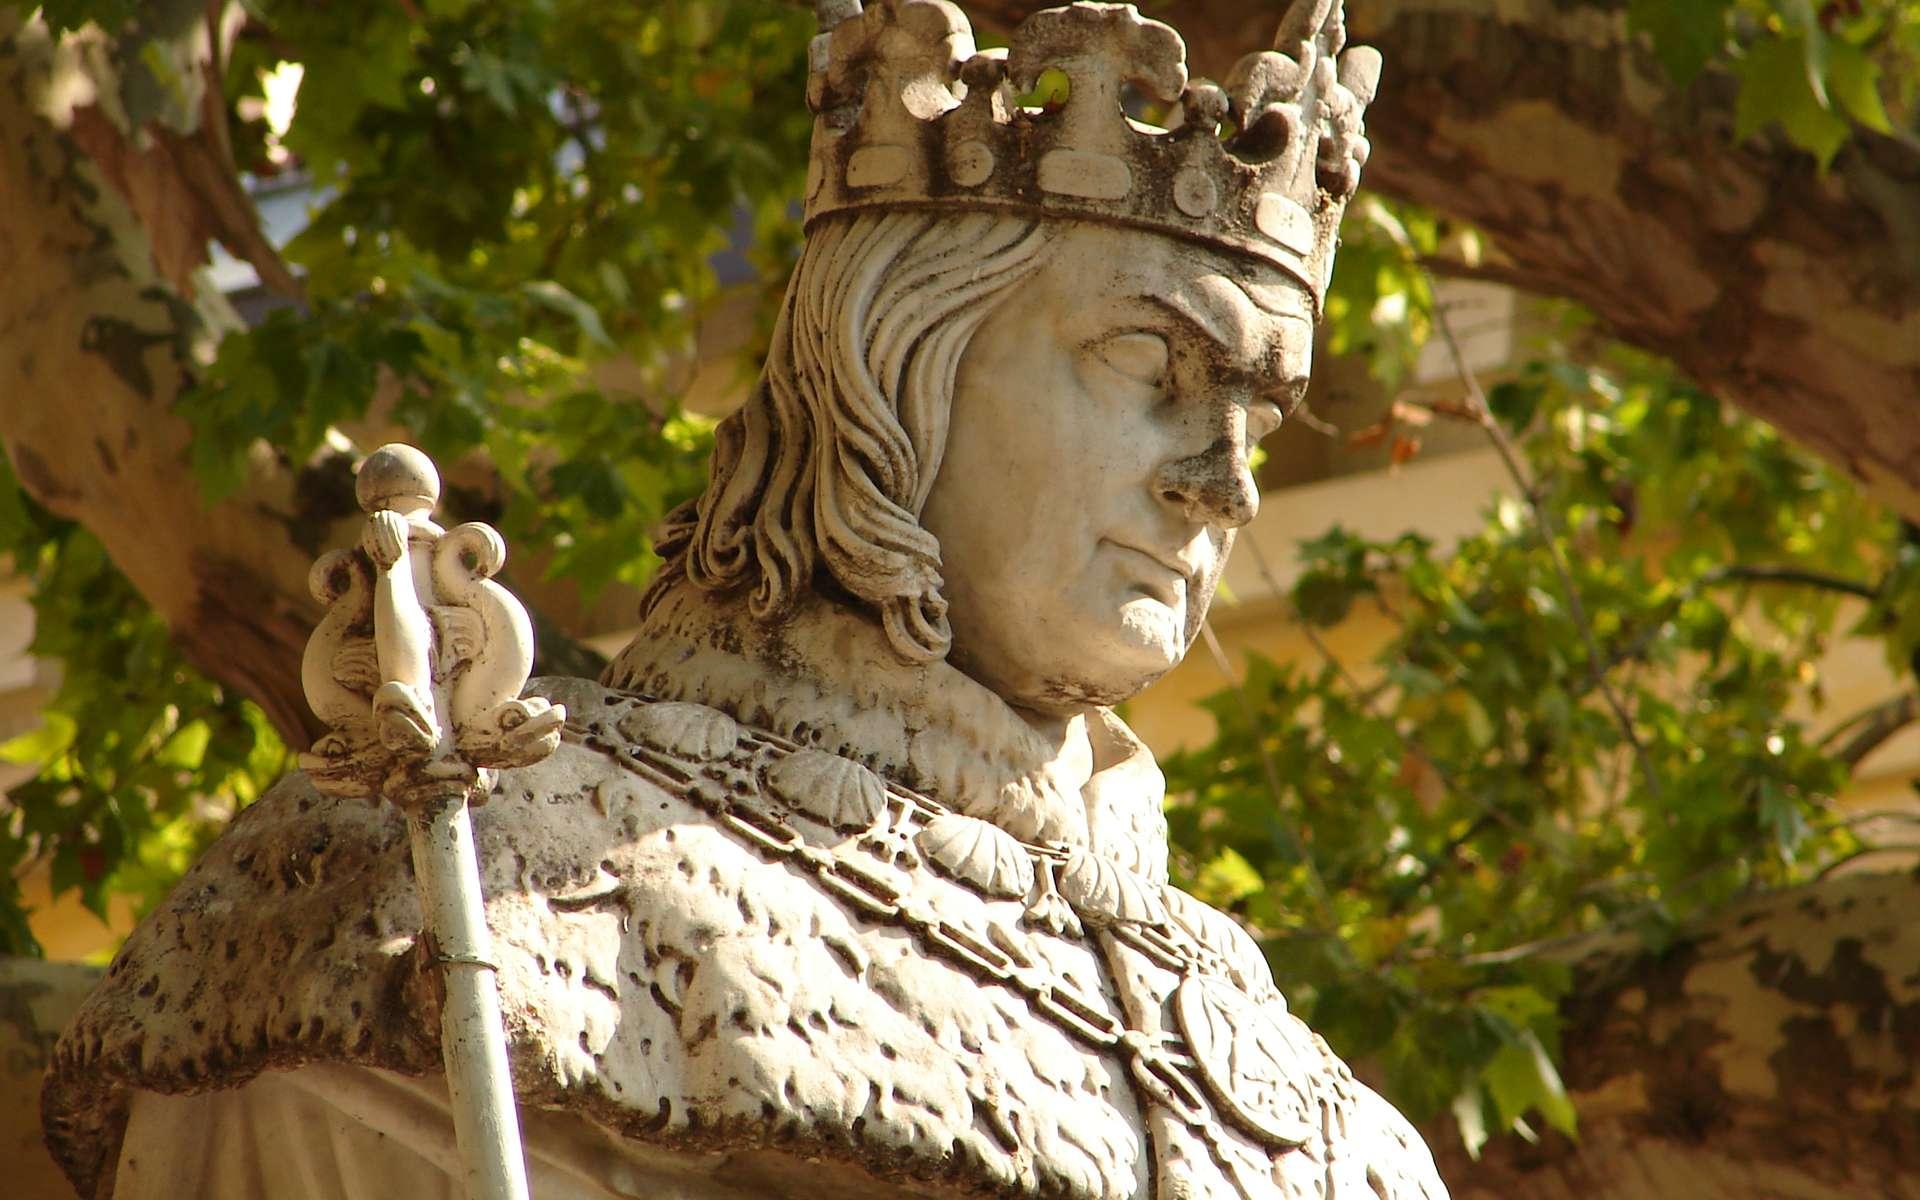 Les rois du Moyen Âge ont contribué à l'essor du pays. © Paul-Henri Giraud, Wikimedia Commons, Domaine public